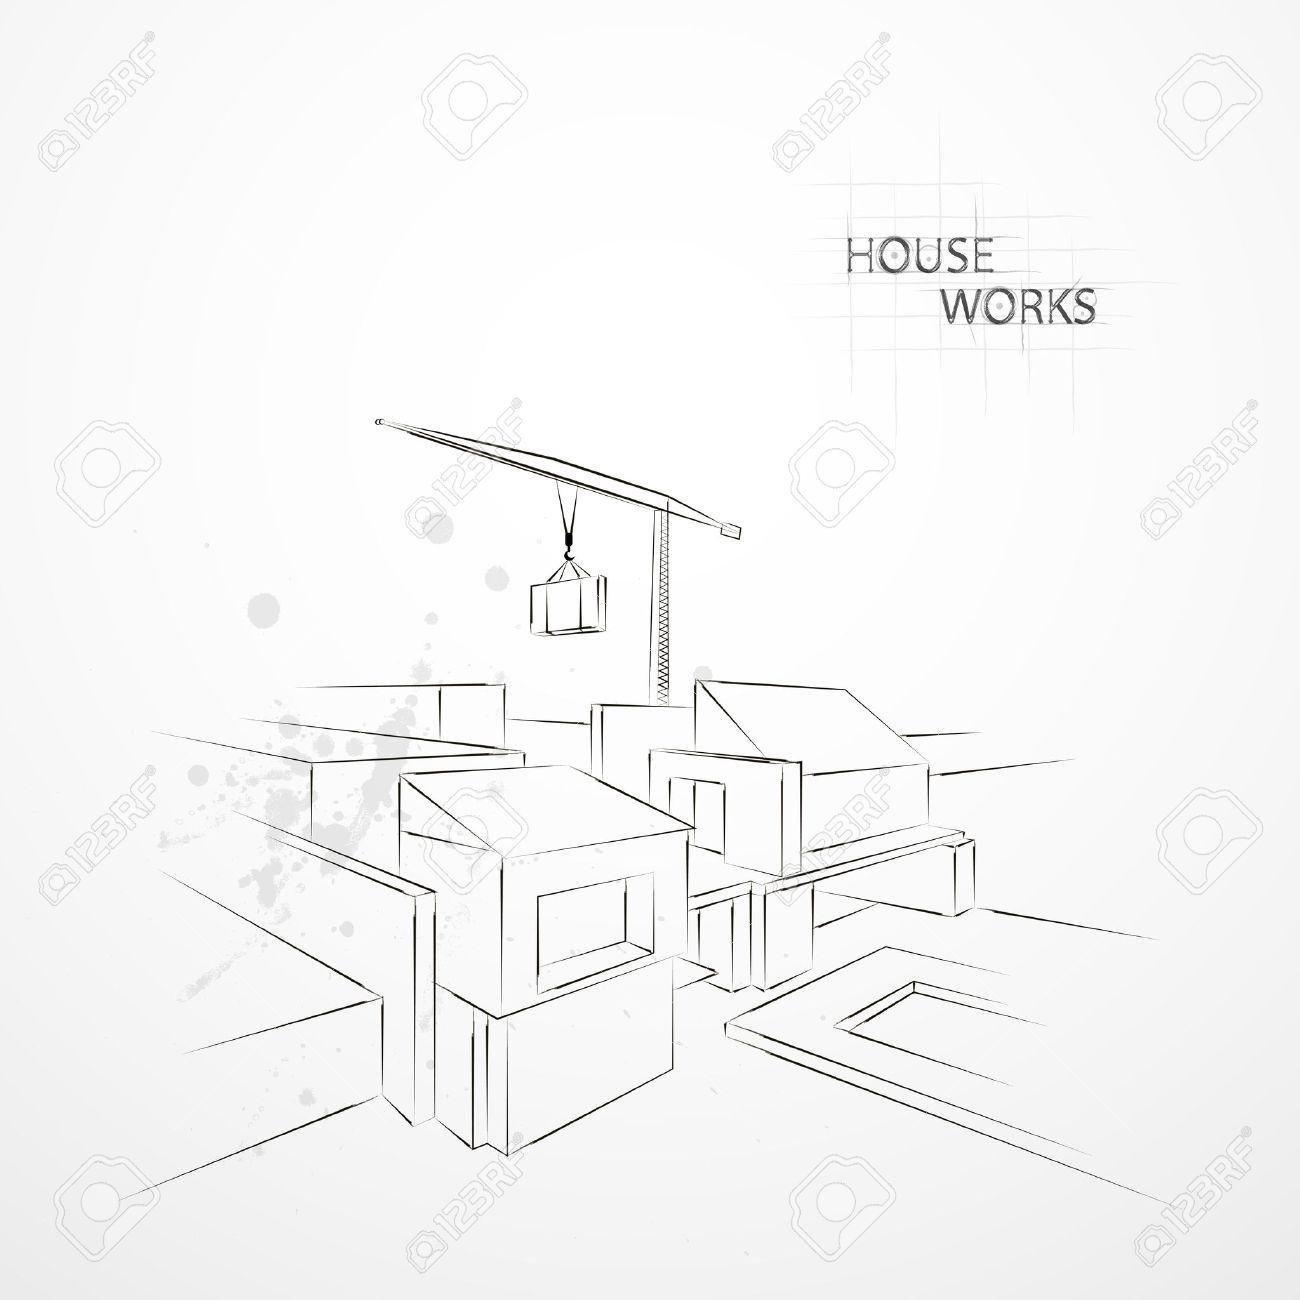 Banque Du0027images   Dessinez Dessin Construction. Dessiné à La Maison Dans La  Perspective. Grues Construit Des Maisons. Grues Construit Un Règlement.